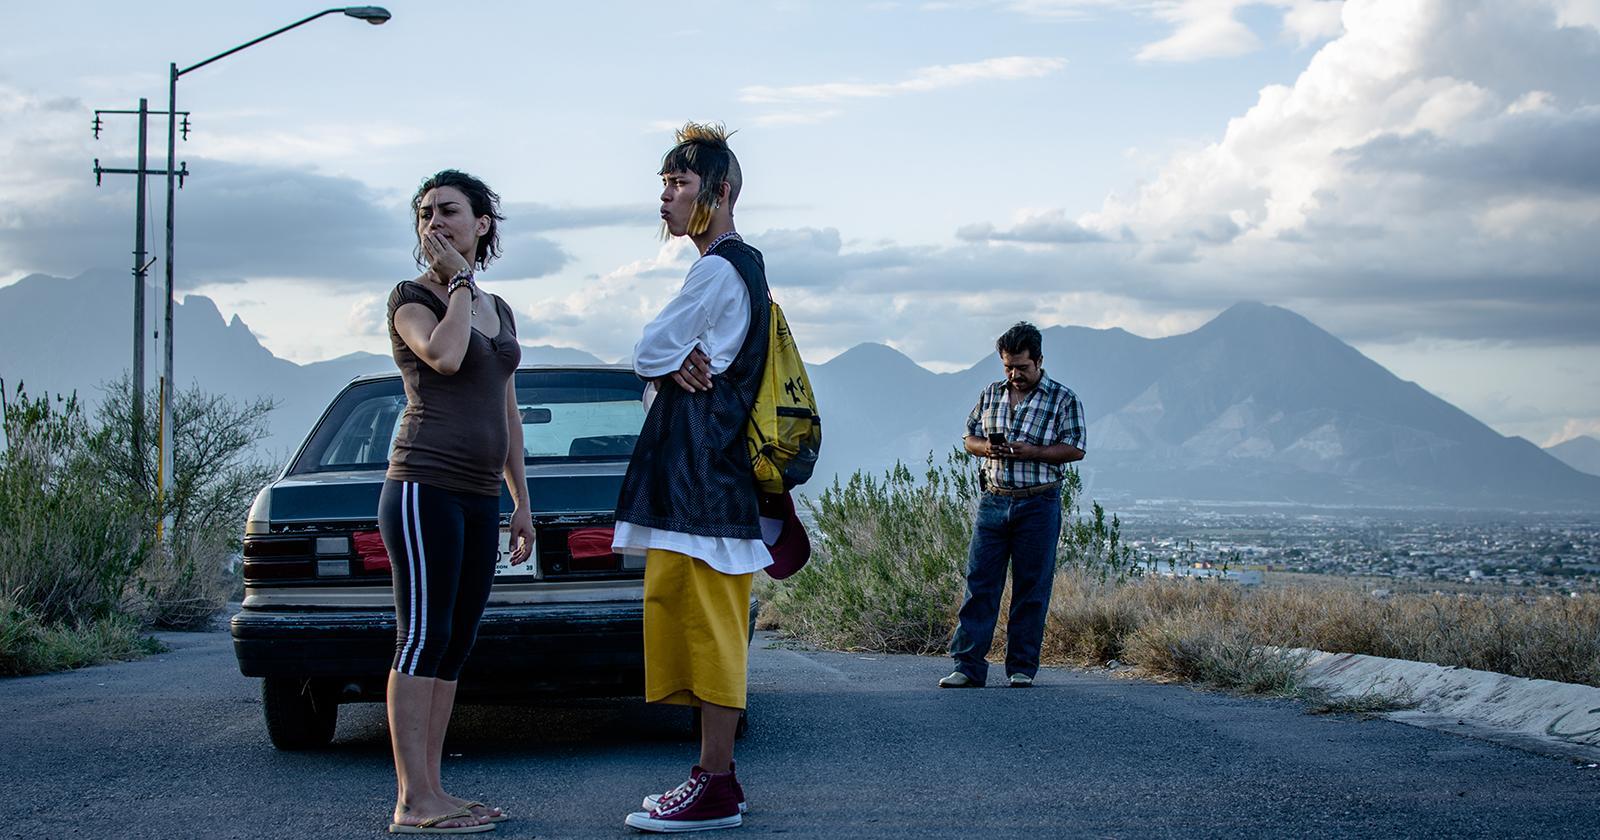 Escena de Ya no estoy aquí en que Ulises abandona Monterrey. Se le ve parado en una carretera, junto a un auto, despidiéndose de una mujer.